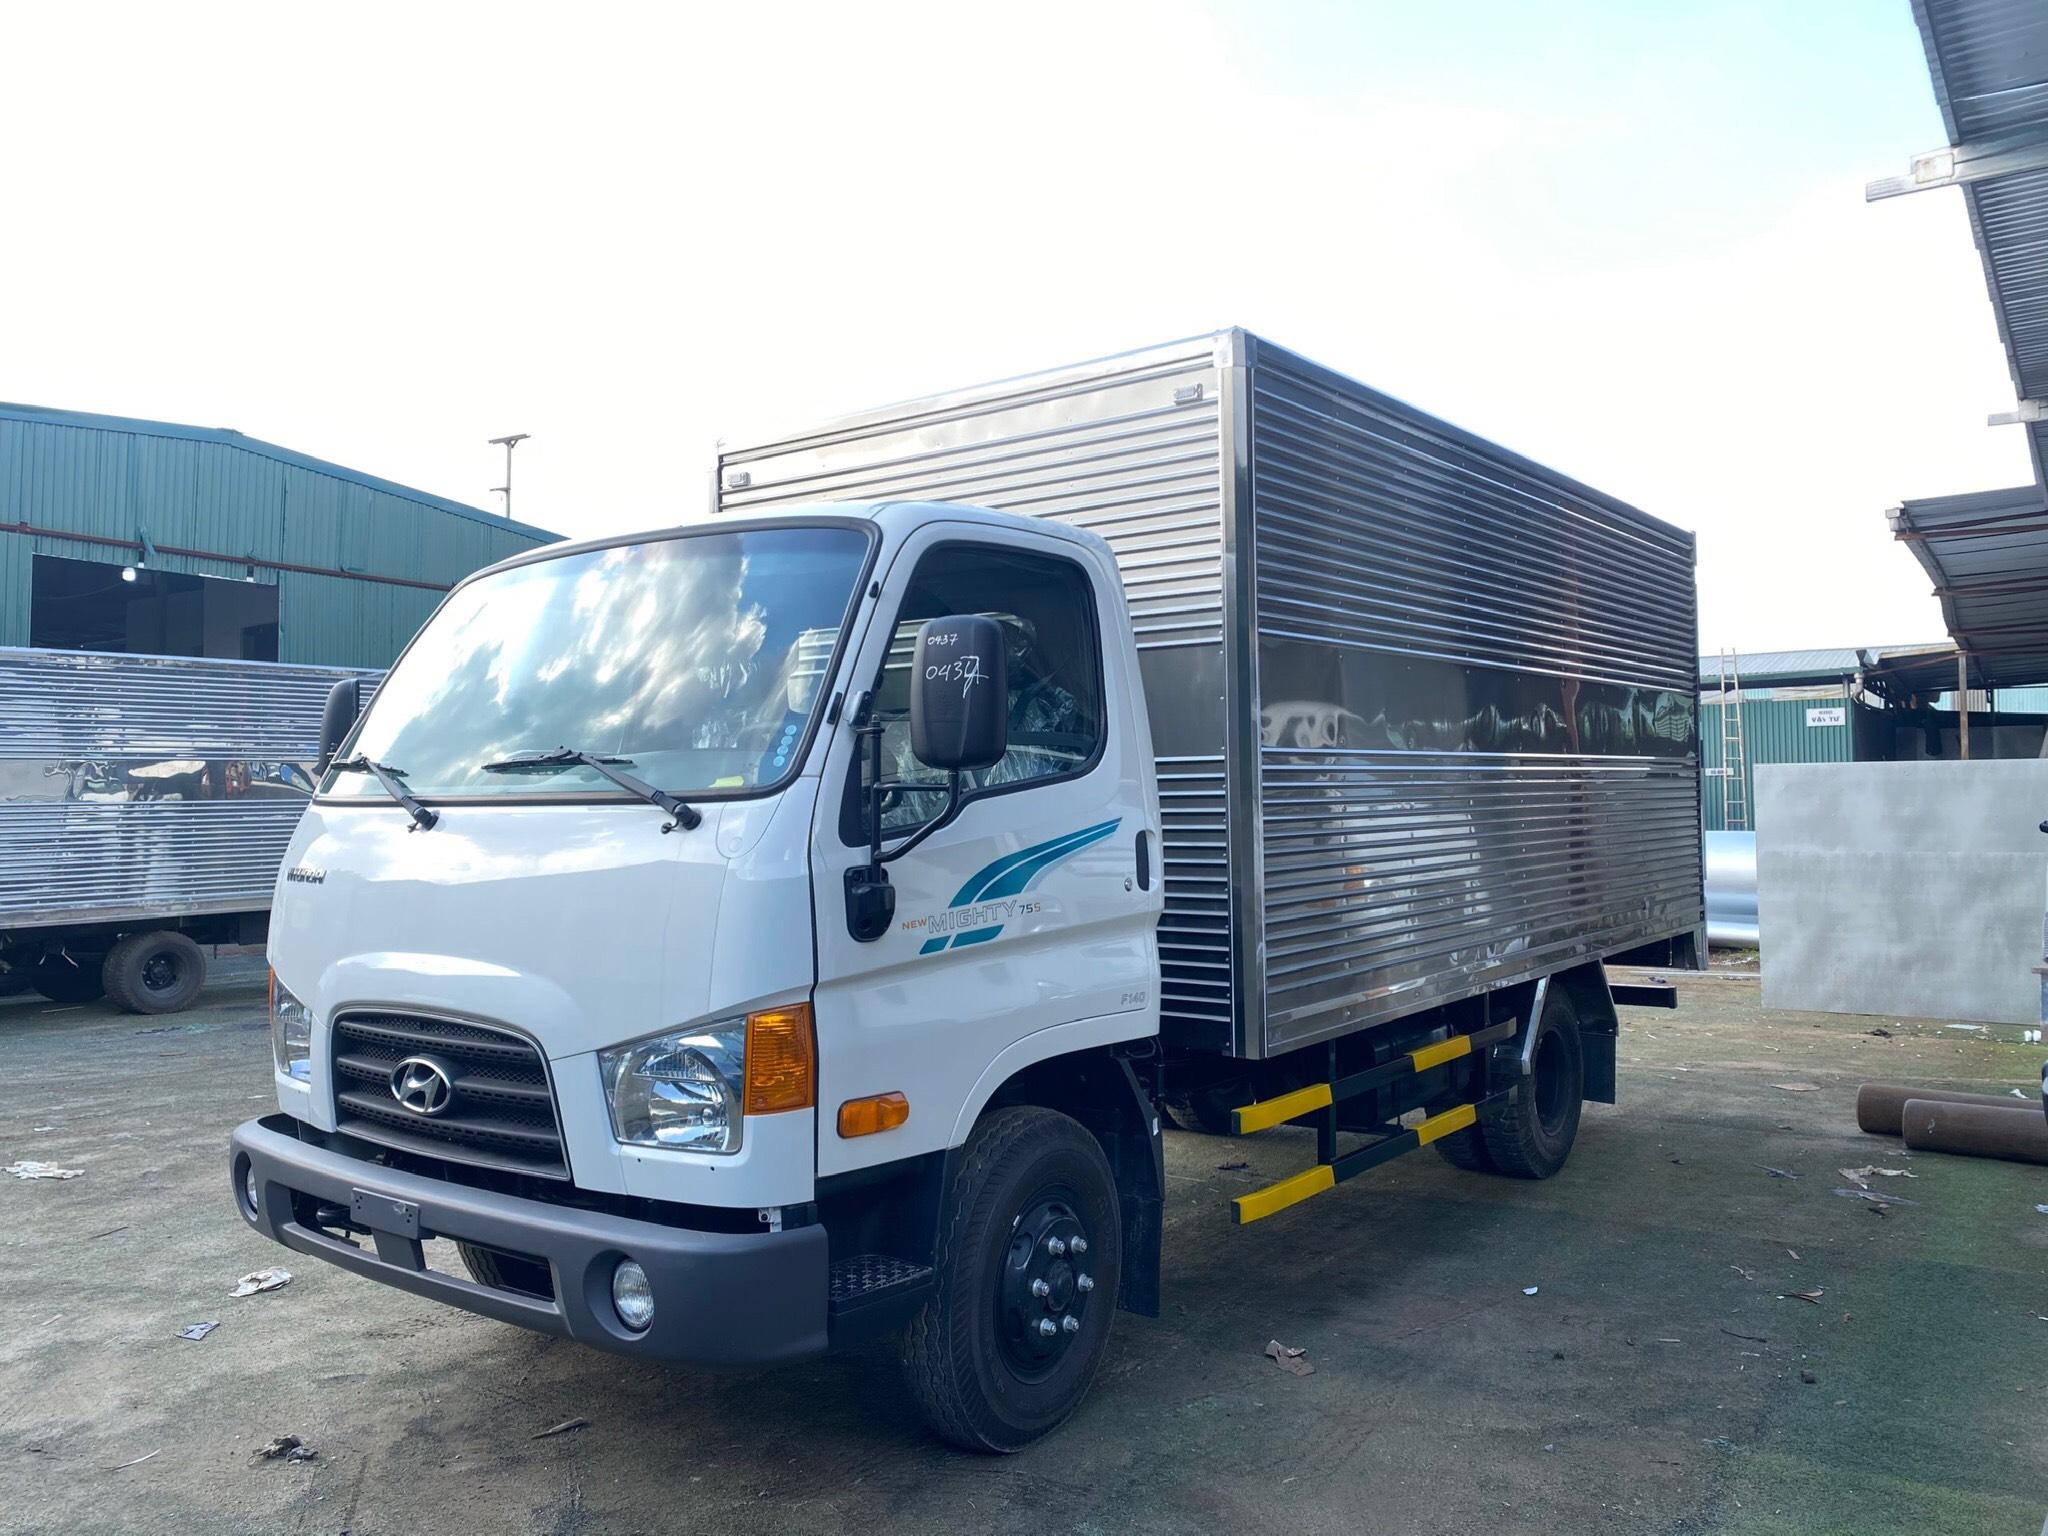 Bán xe tải Hyundai 75s tại Hà Giang